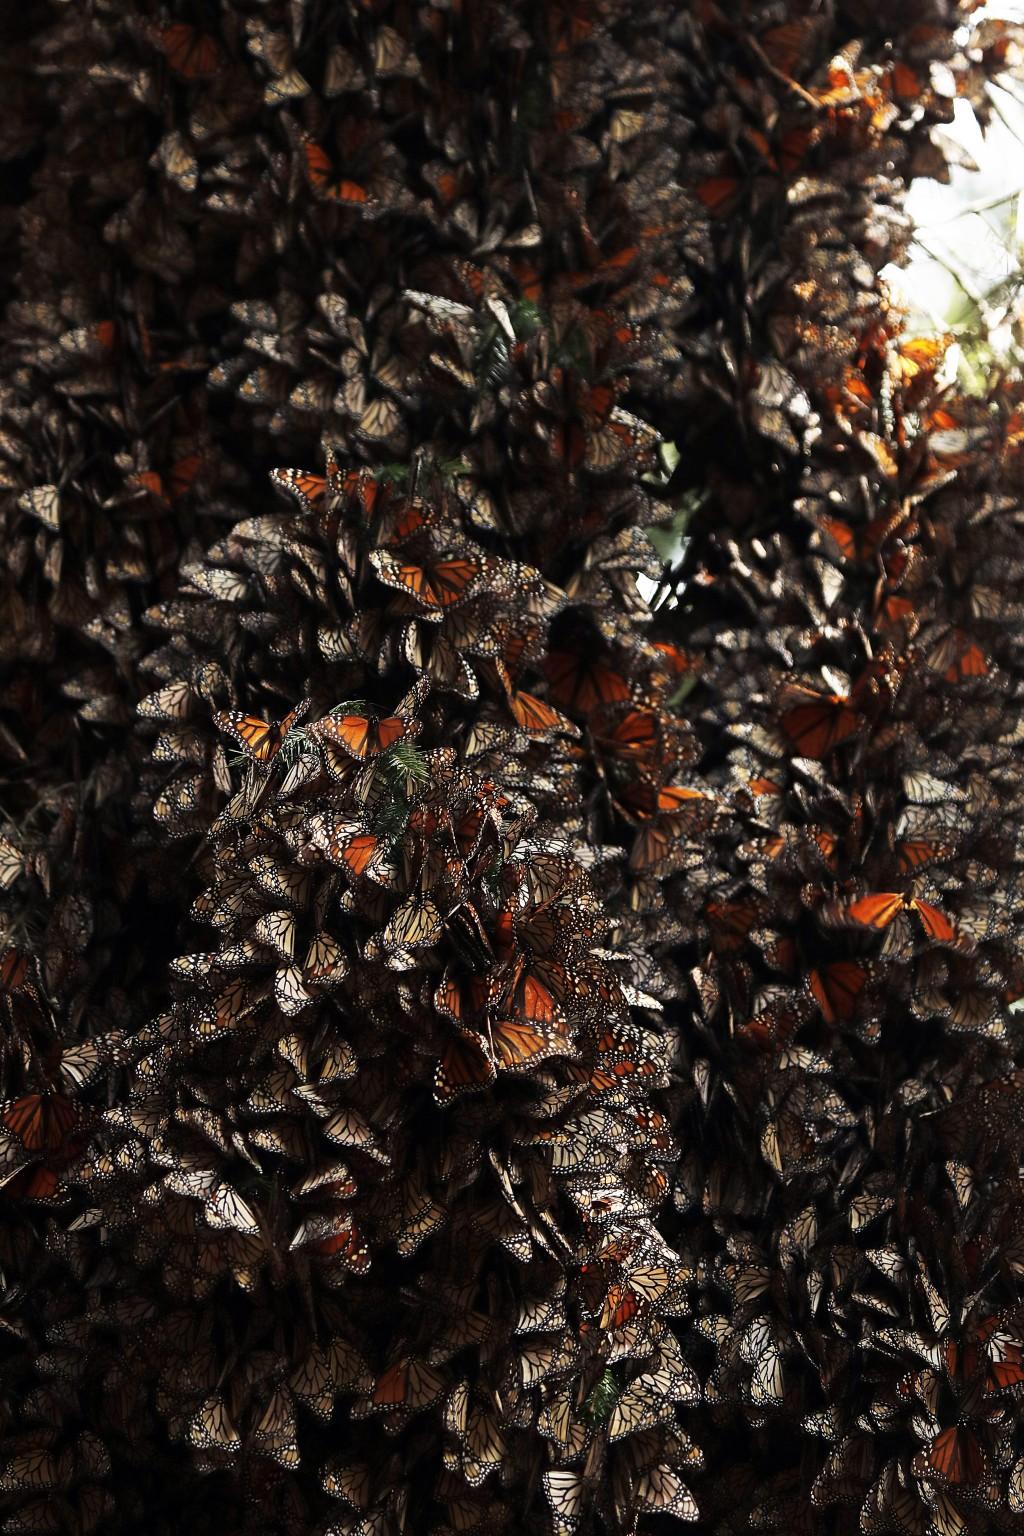 Monarch butterflies cluster in the Amanalco de Becerra sanctuary, on the mountains near the extinct Nevado de Toluca volcano, in Mexico, Thursday, Feb...